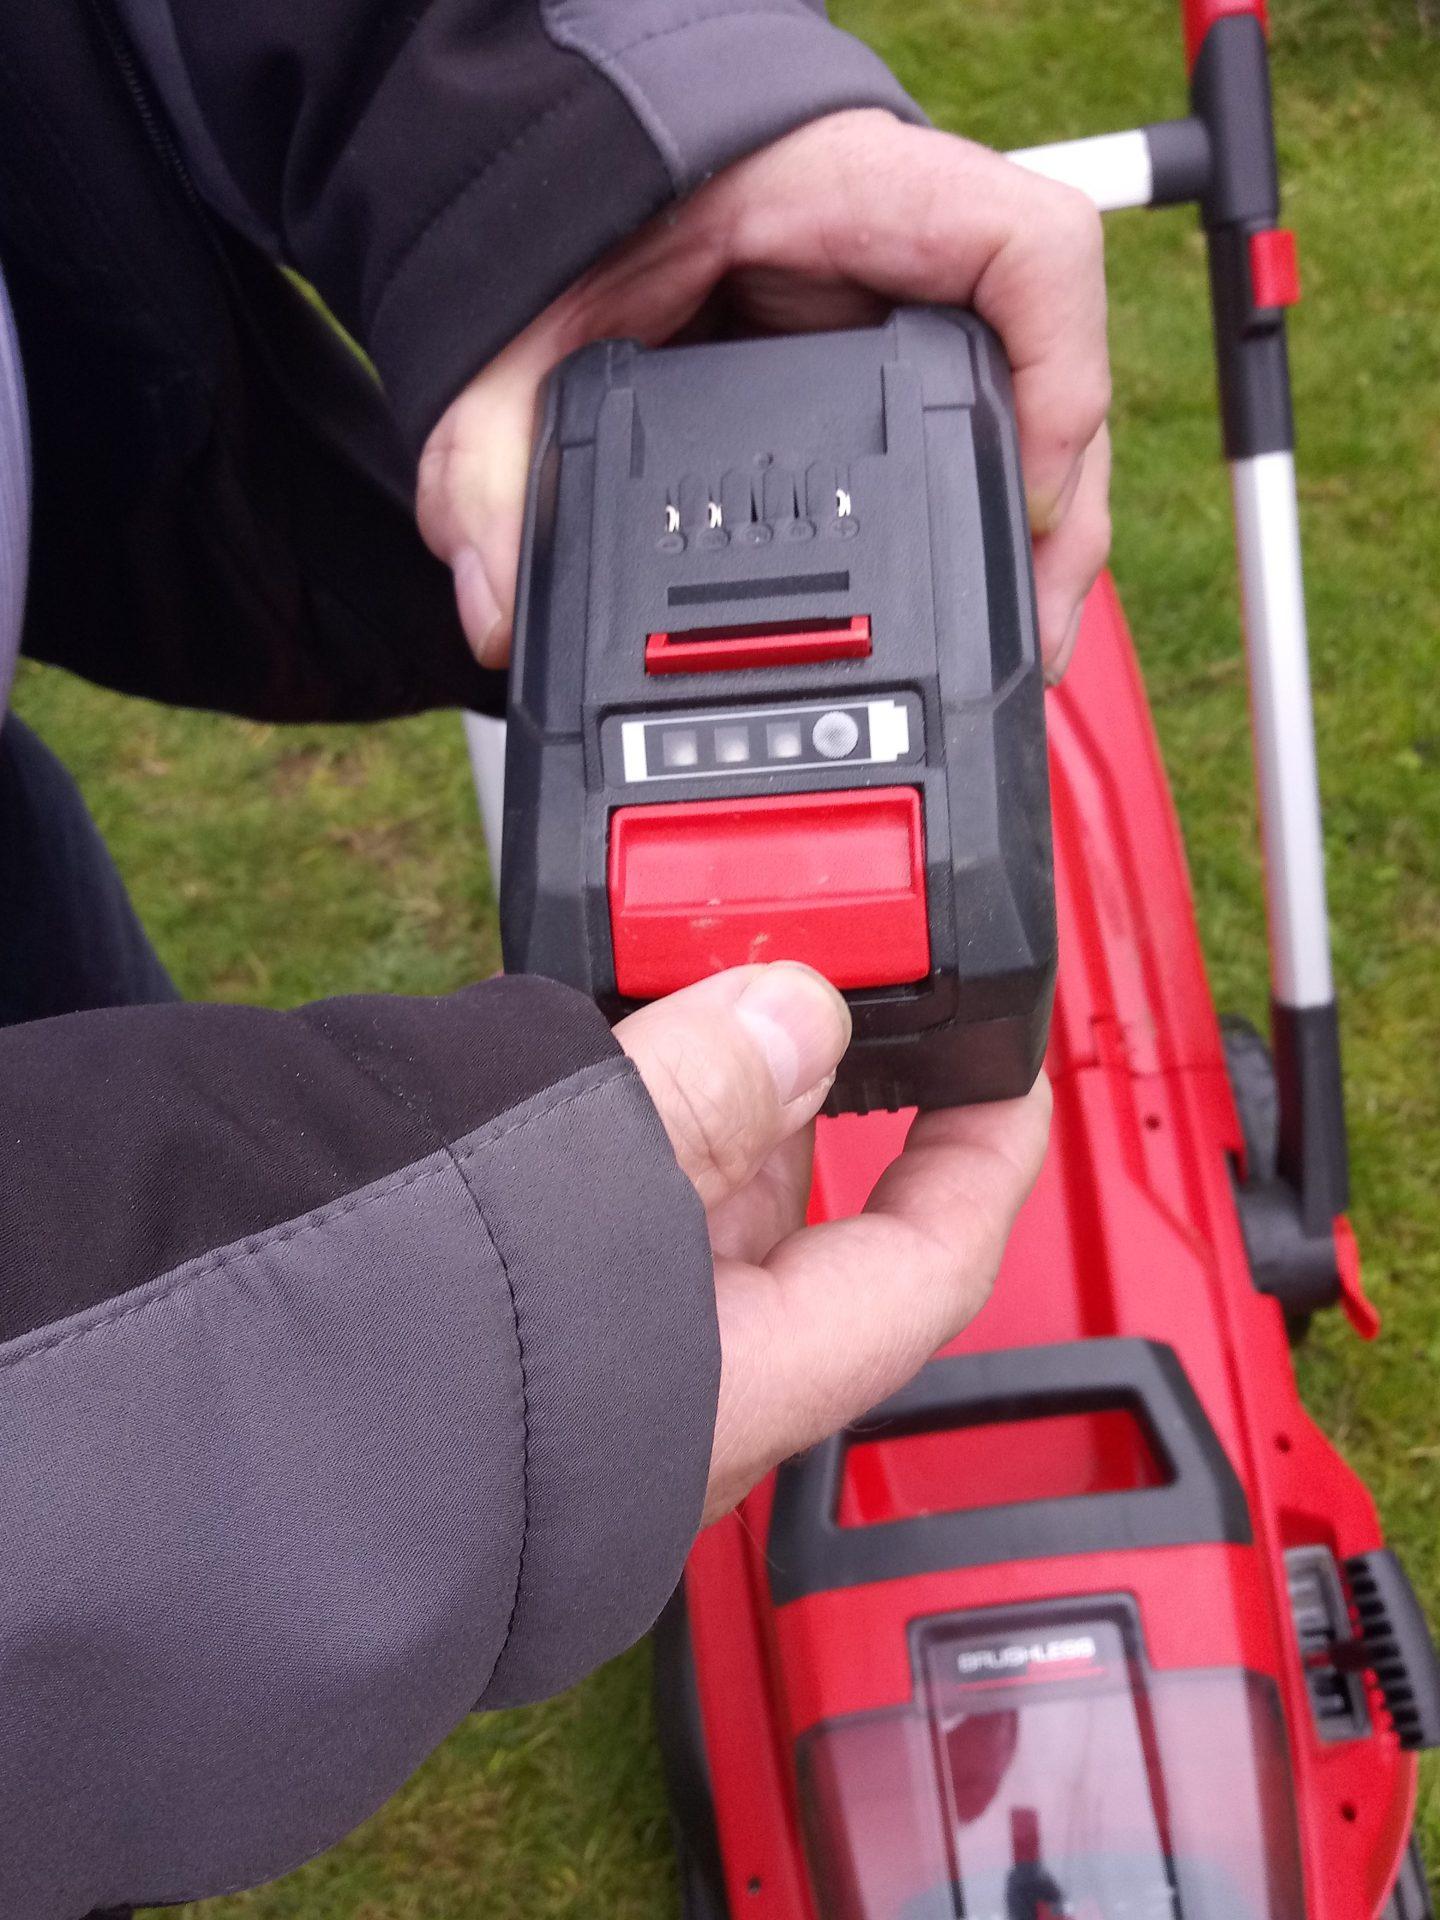 Die Akkus sind handlich und leistungsfähig. Sie lassen sich in allen Geräten und Werkzeugen der Systemreihe des Herstellers einfach einsetzen. Foto: TRD Redaktionsbüro